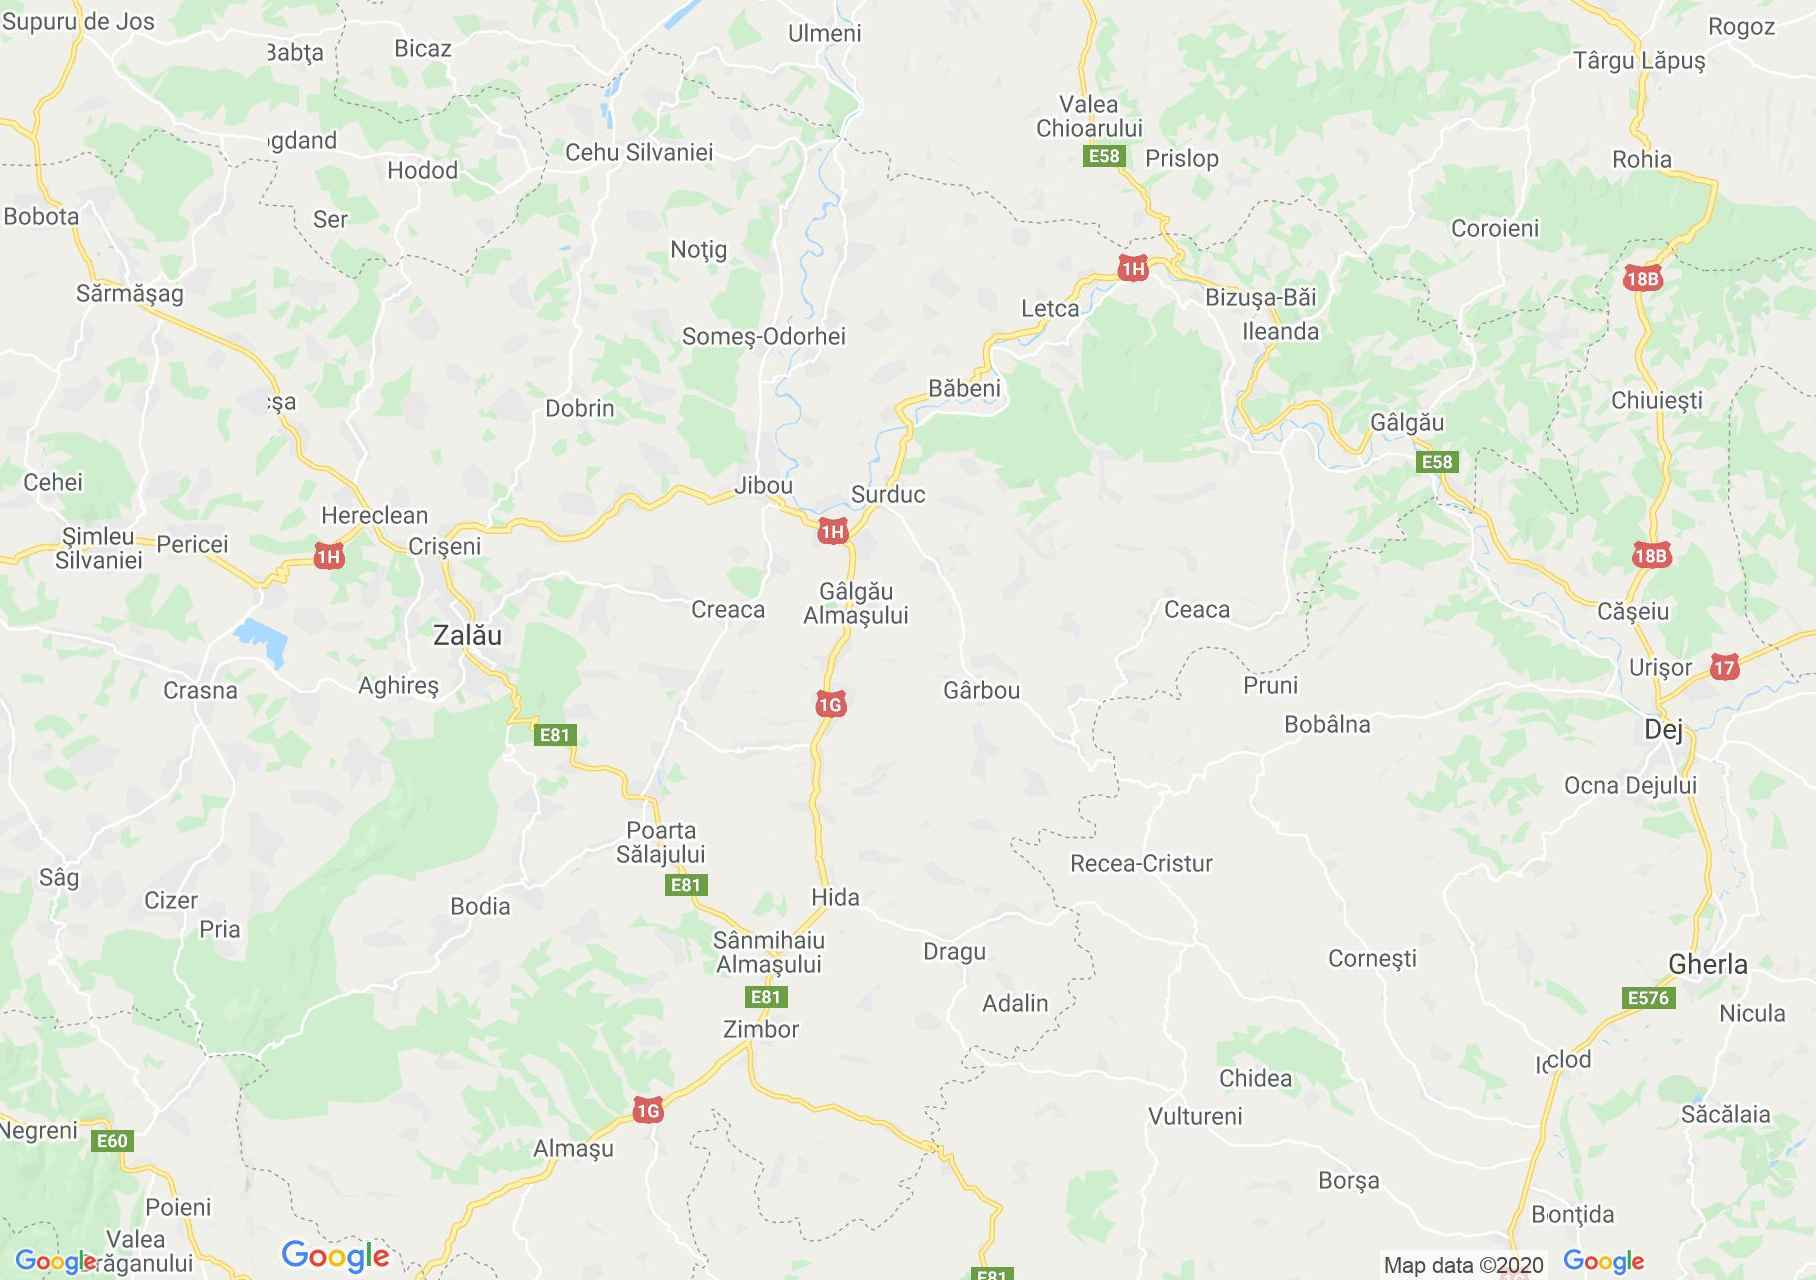 Judeţul Sălaj: (Zalău), Harta turistică interactivă